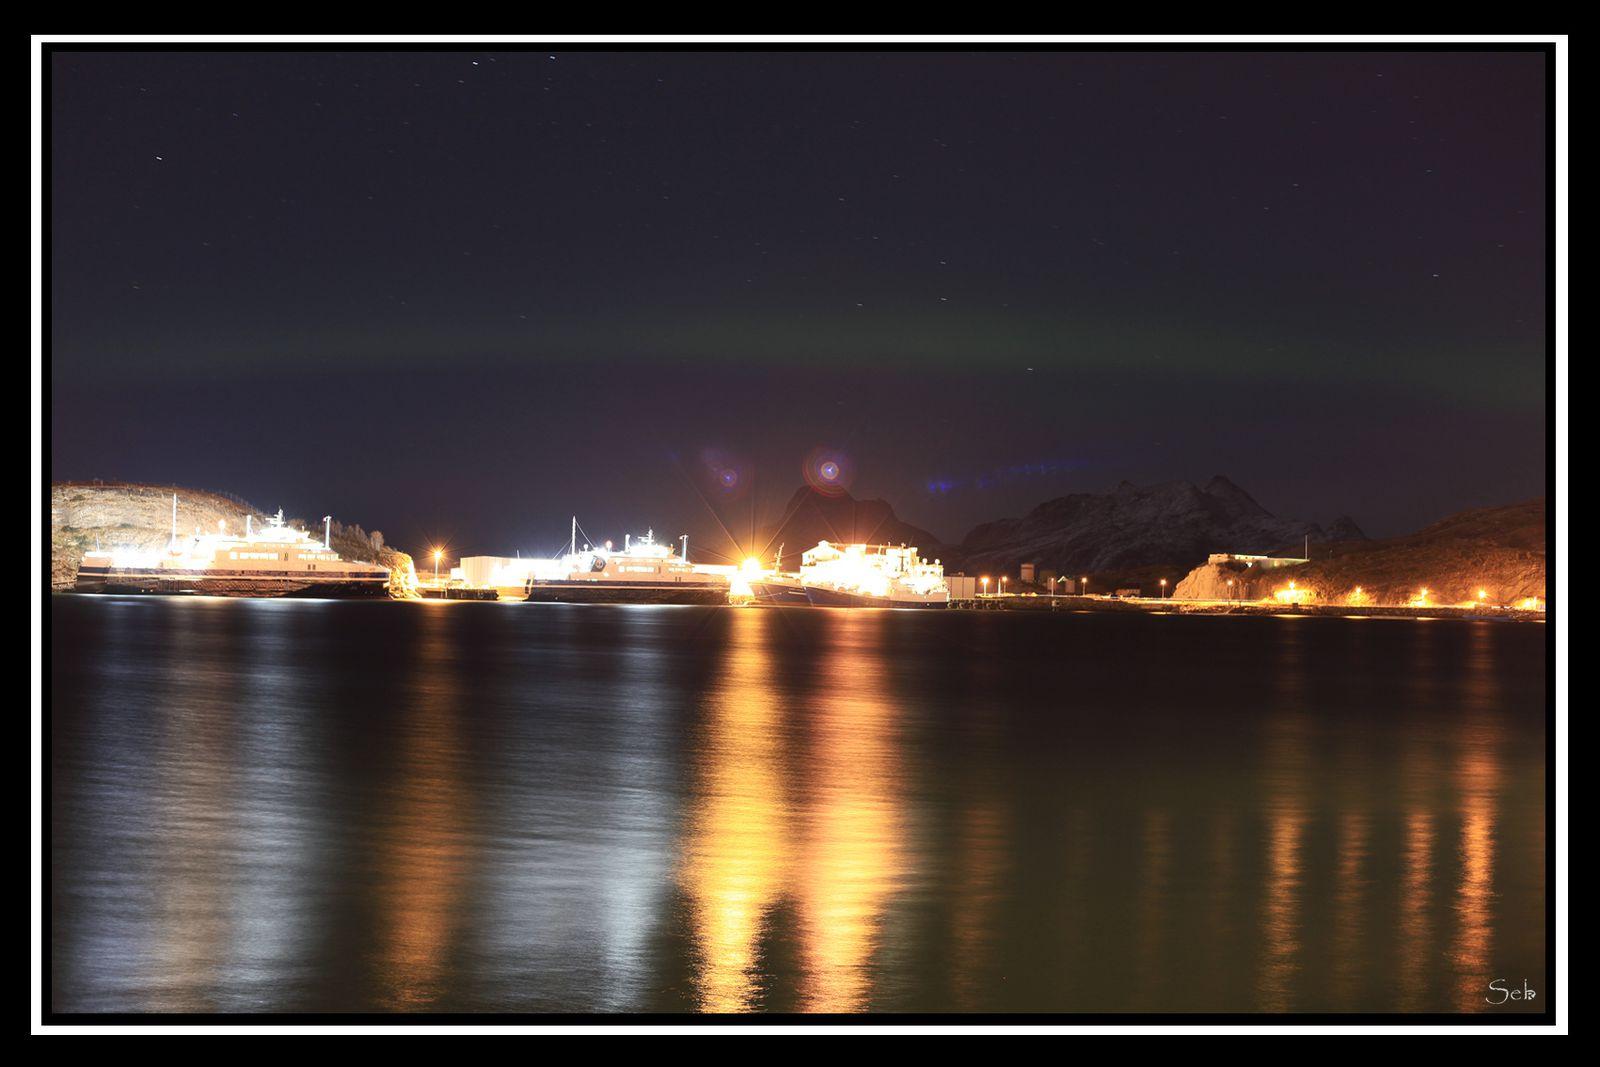 Petit arc de cercle auroral à Bodø.